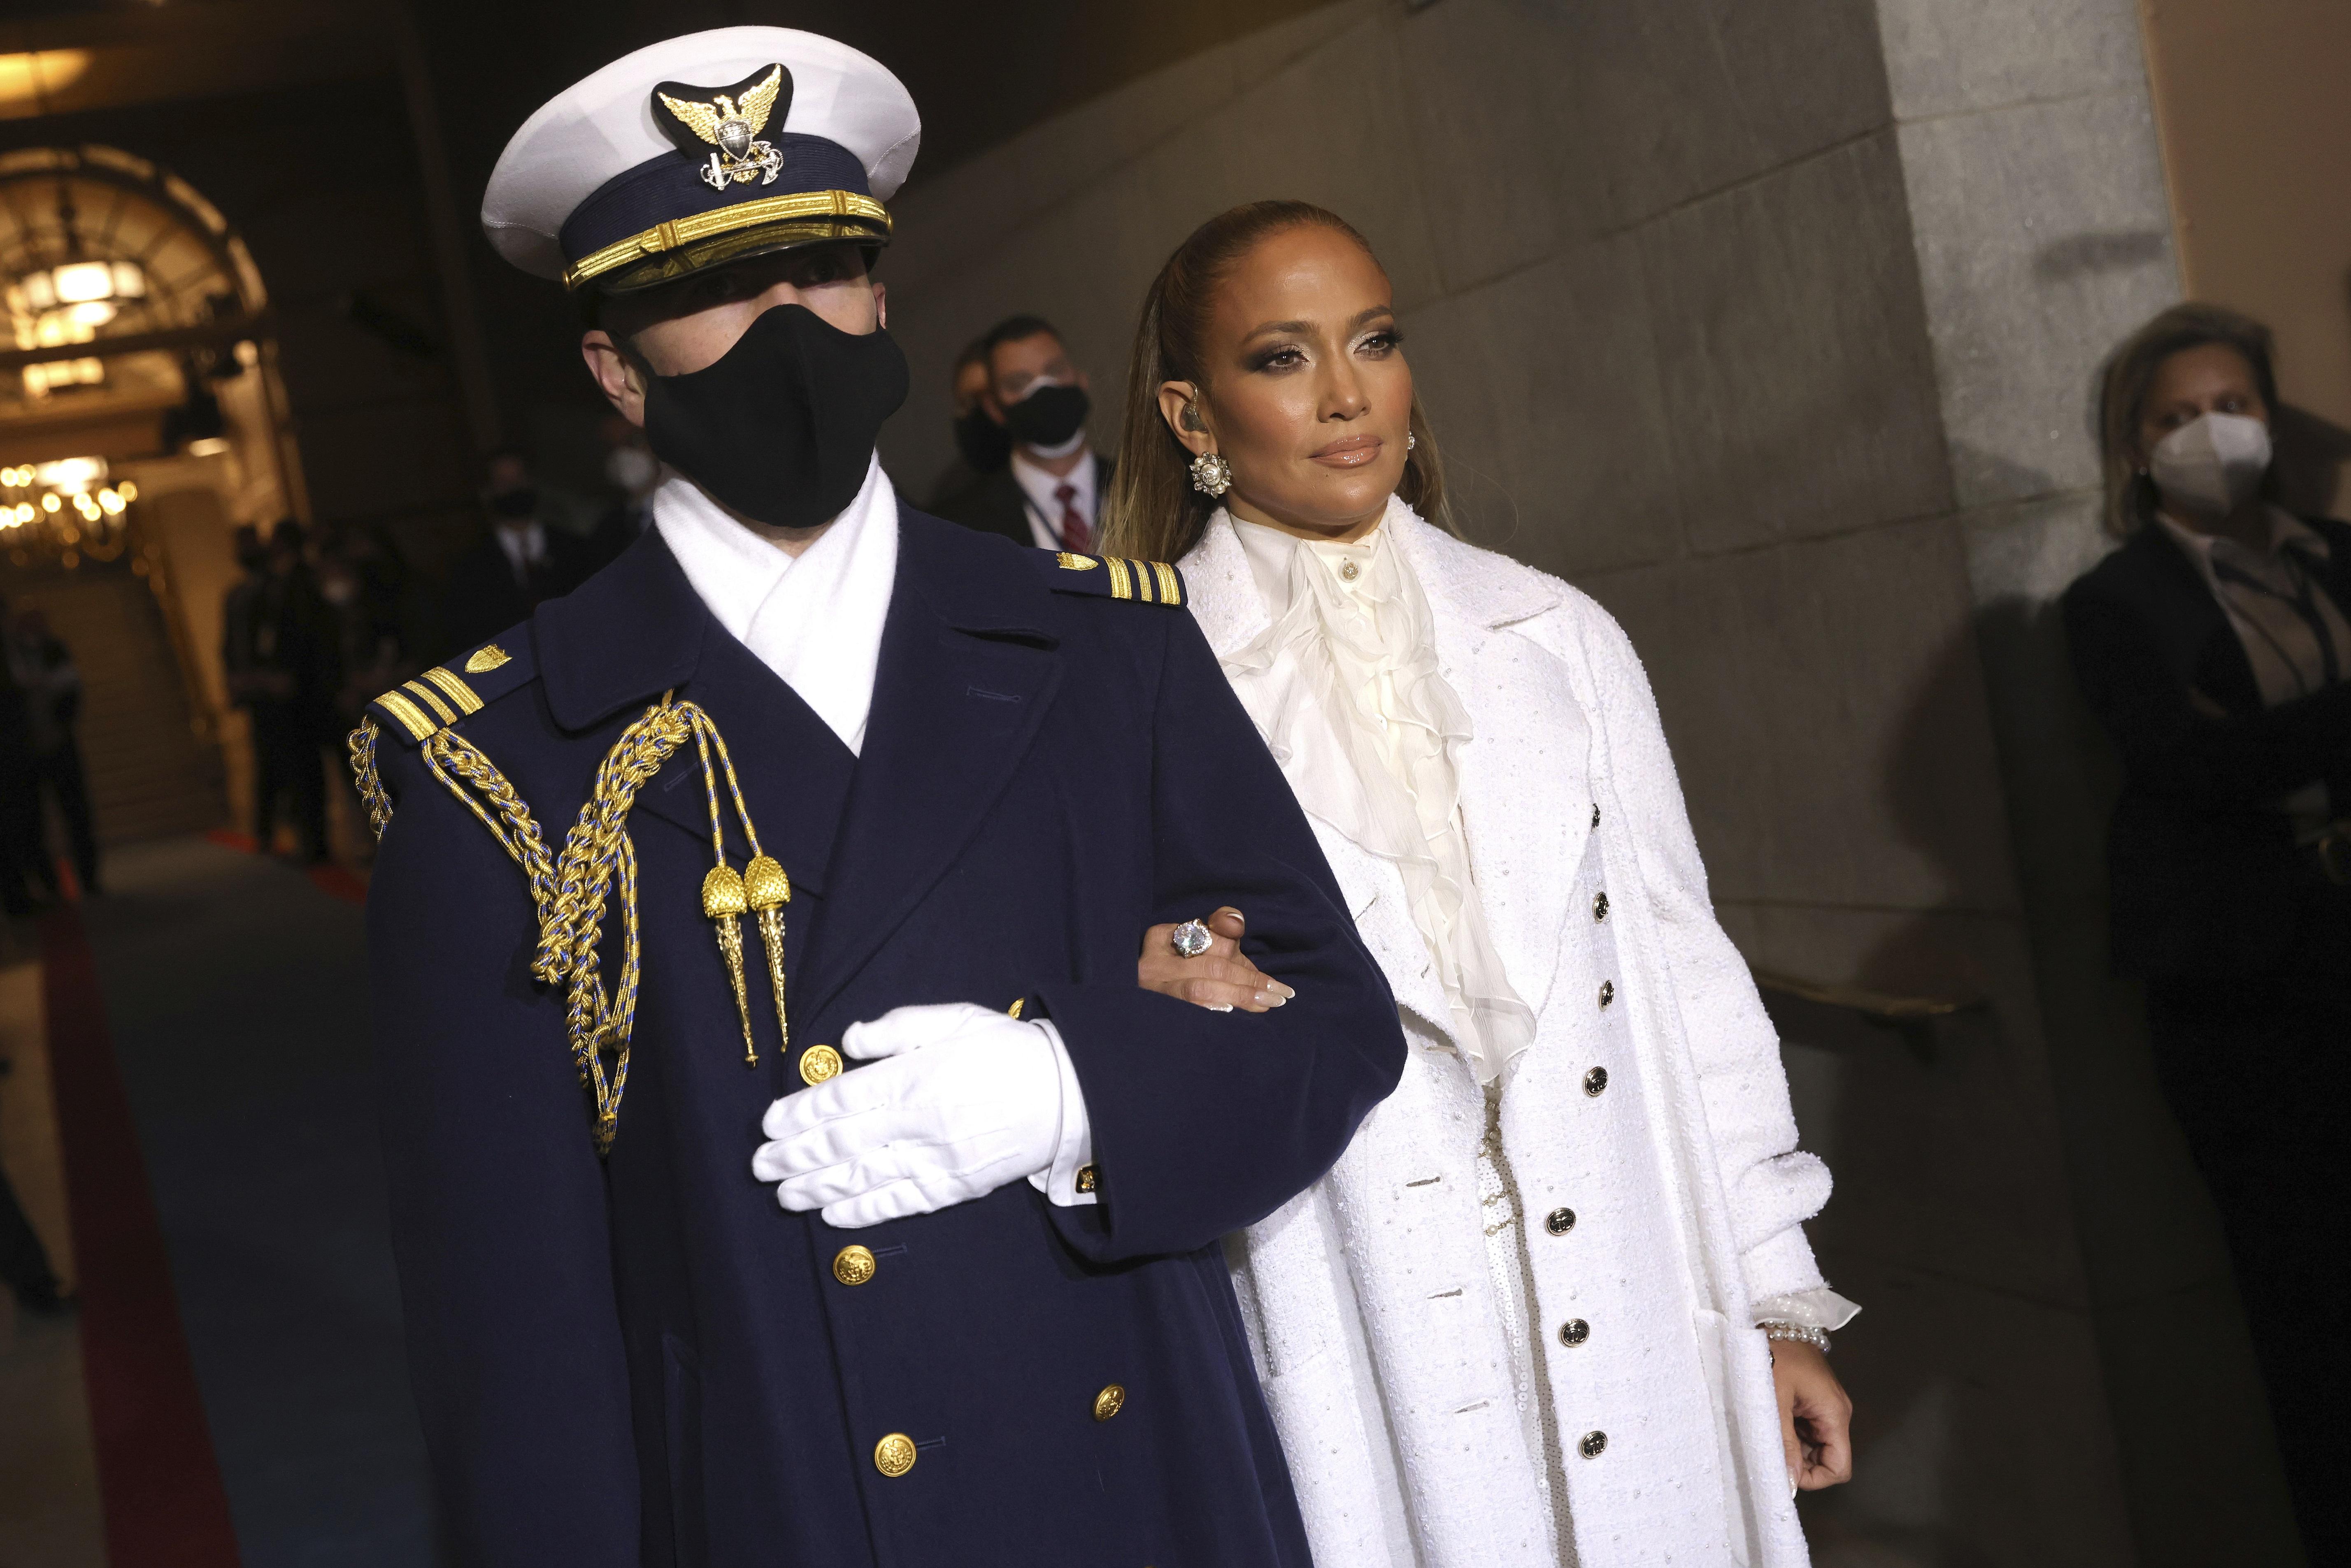 """Jennifer López entonó los temas """"America the Beautiful"""" y """"Let's Get Loud"""" en la ceremonia. Para la ocasión optó por un glamouroso conjunto de pantalón, abrigo y blusa de cuello amarrado en color blanco de la casa de moda francesa Chanel. (AP)"""